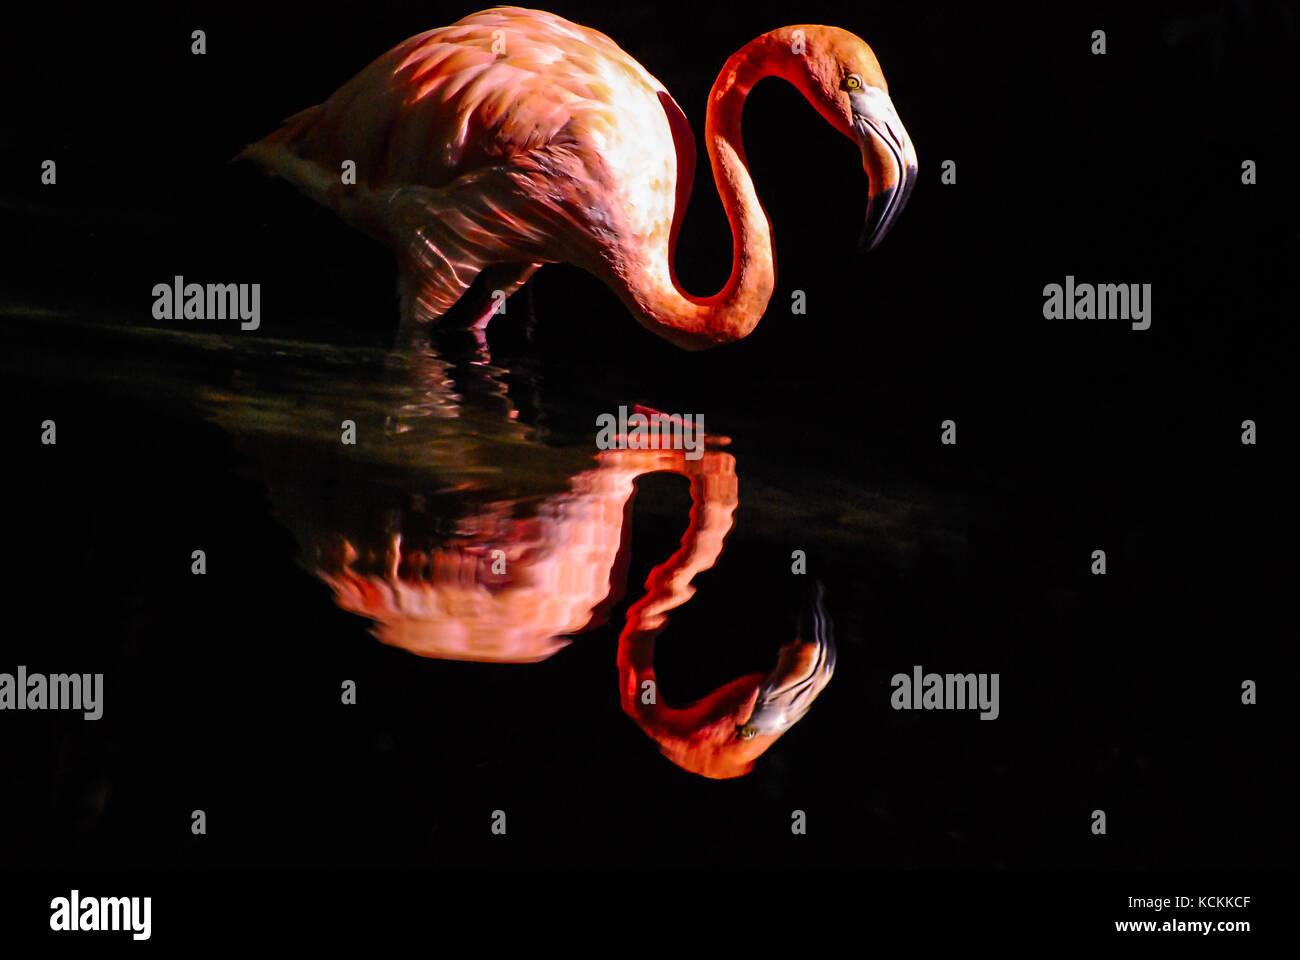 Rosa flamingo im Wasser wider. Dunkler Hintergrund Stockbild